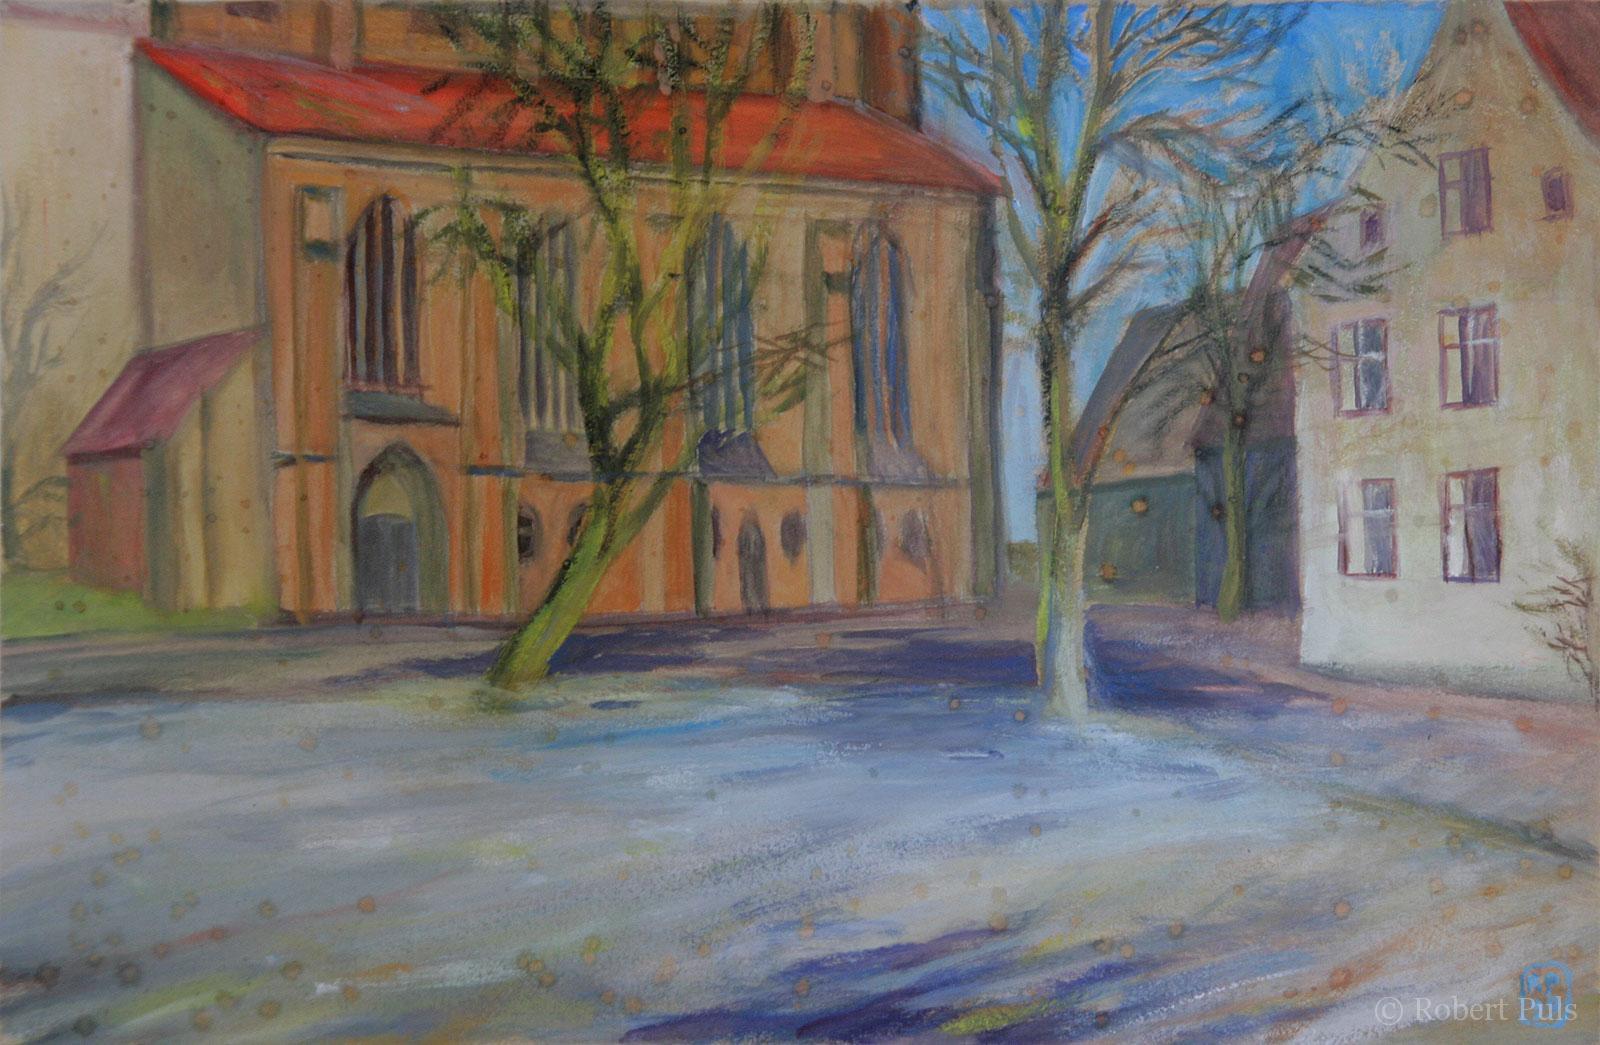 Petrikirche Rostock Altstadt Alter Markt Gemälde